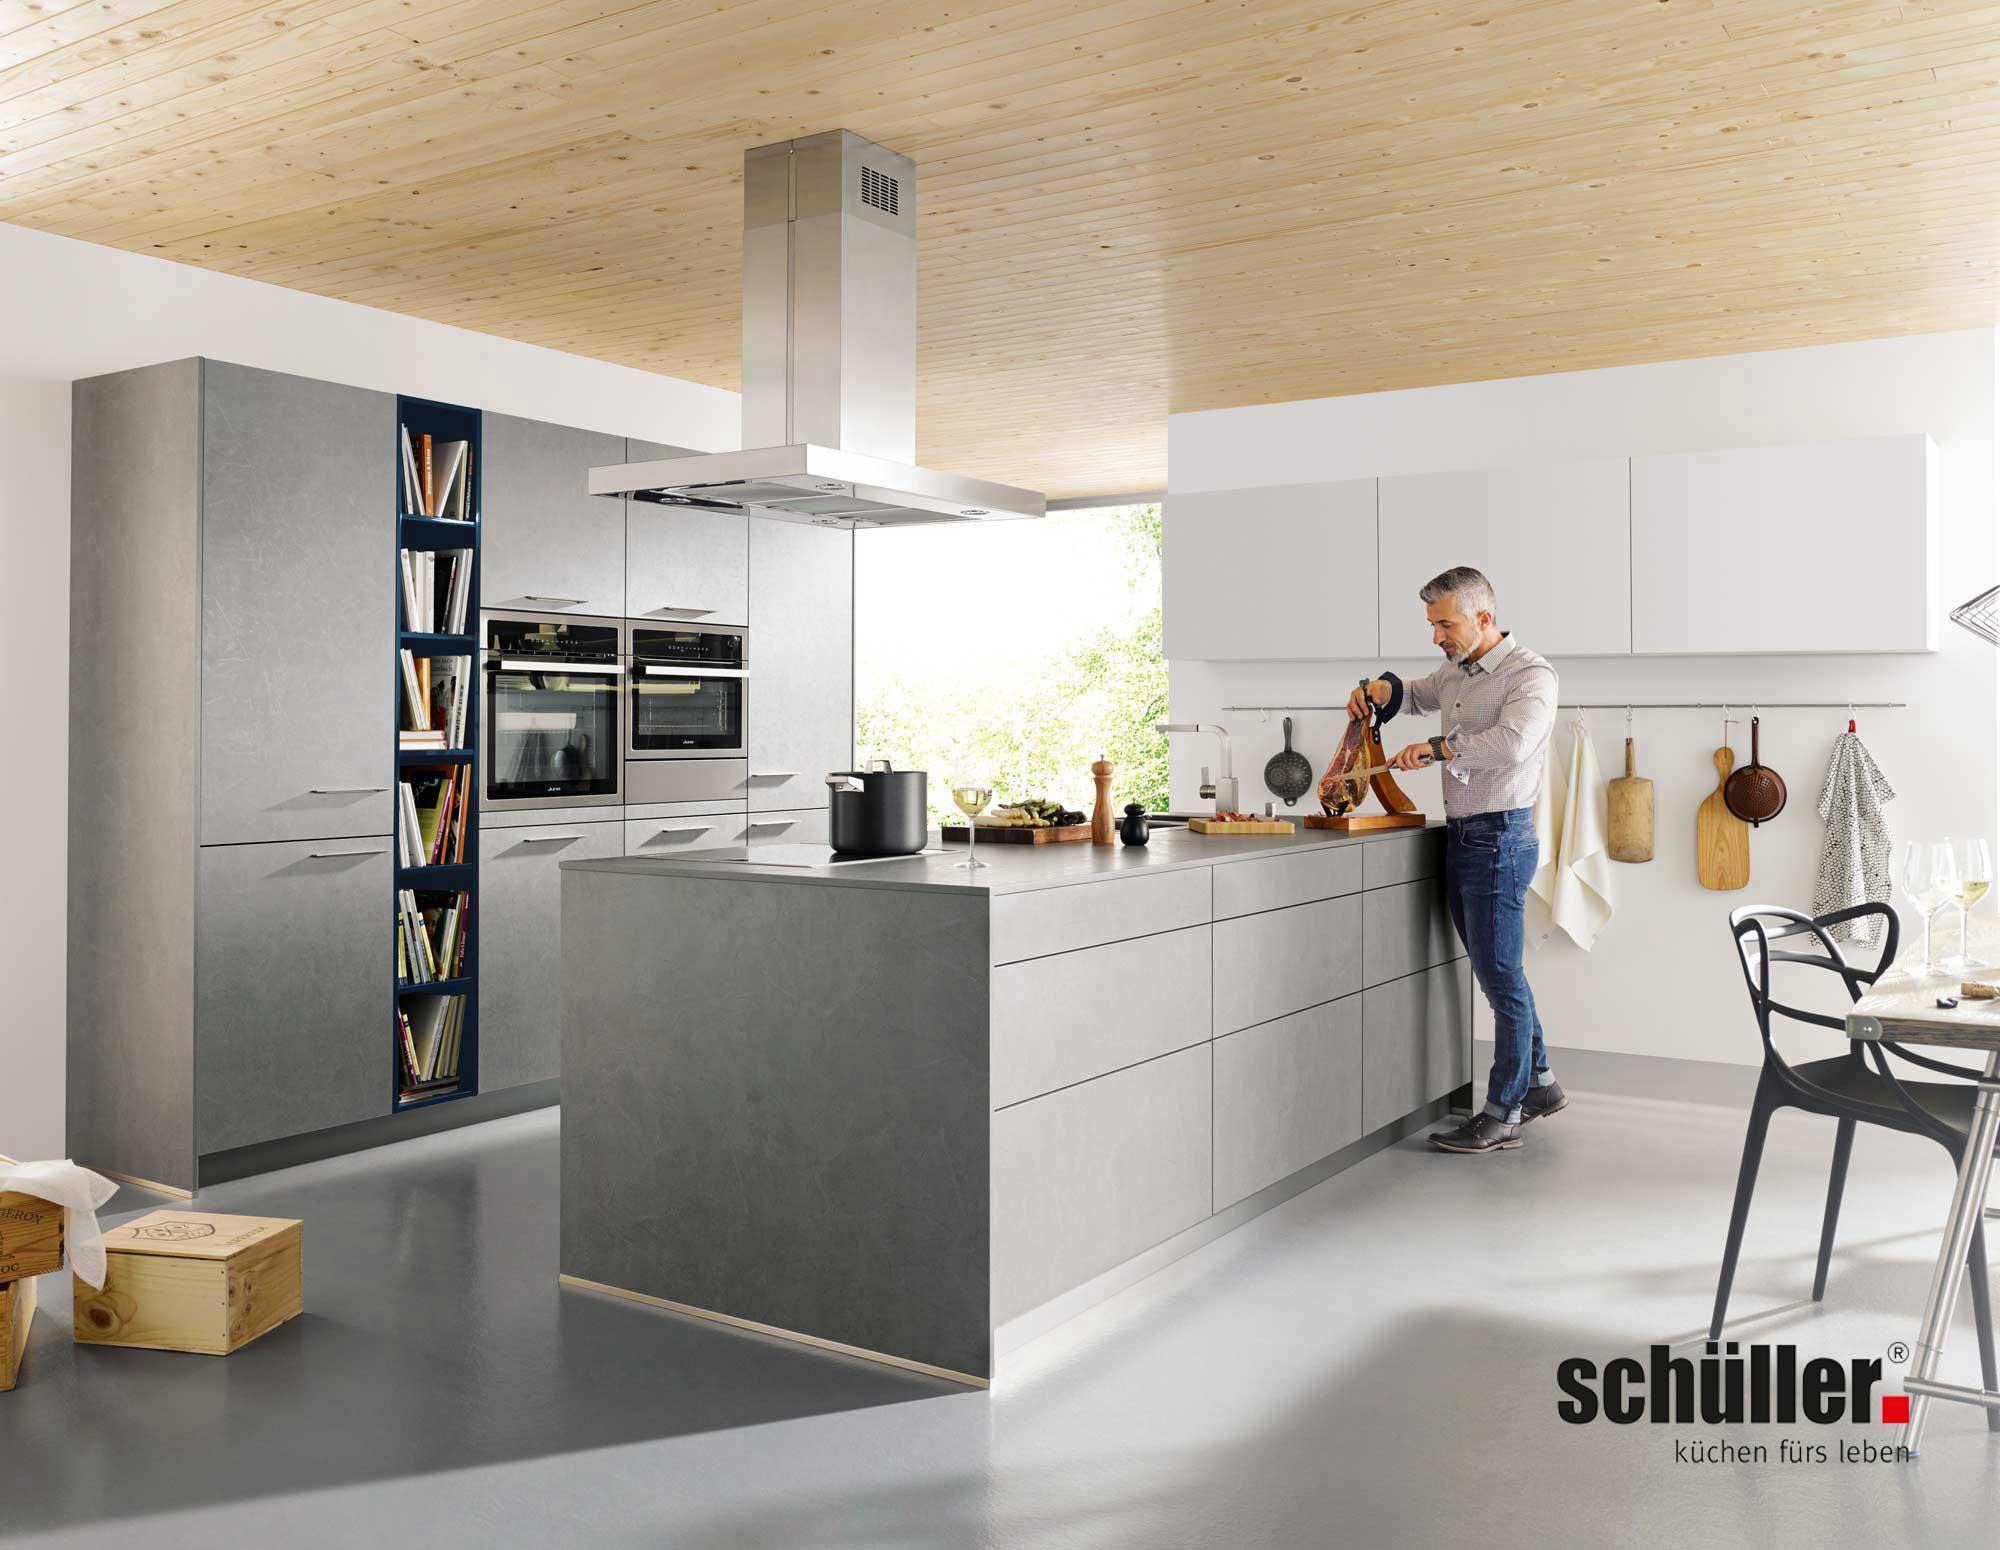 Full Size of Inselküche Abverkauf Schller Inselkche Elba Mit Praktischen Funktionen Jetzt Online Bad Küche Inselküche Abverkauf